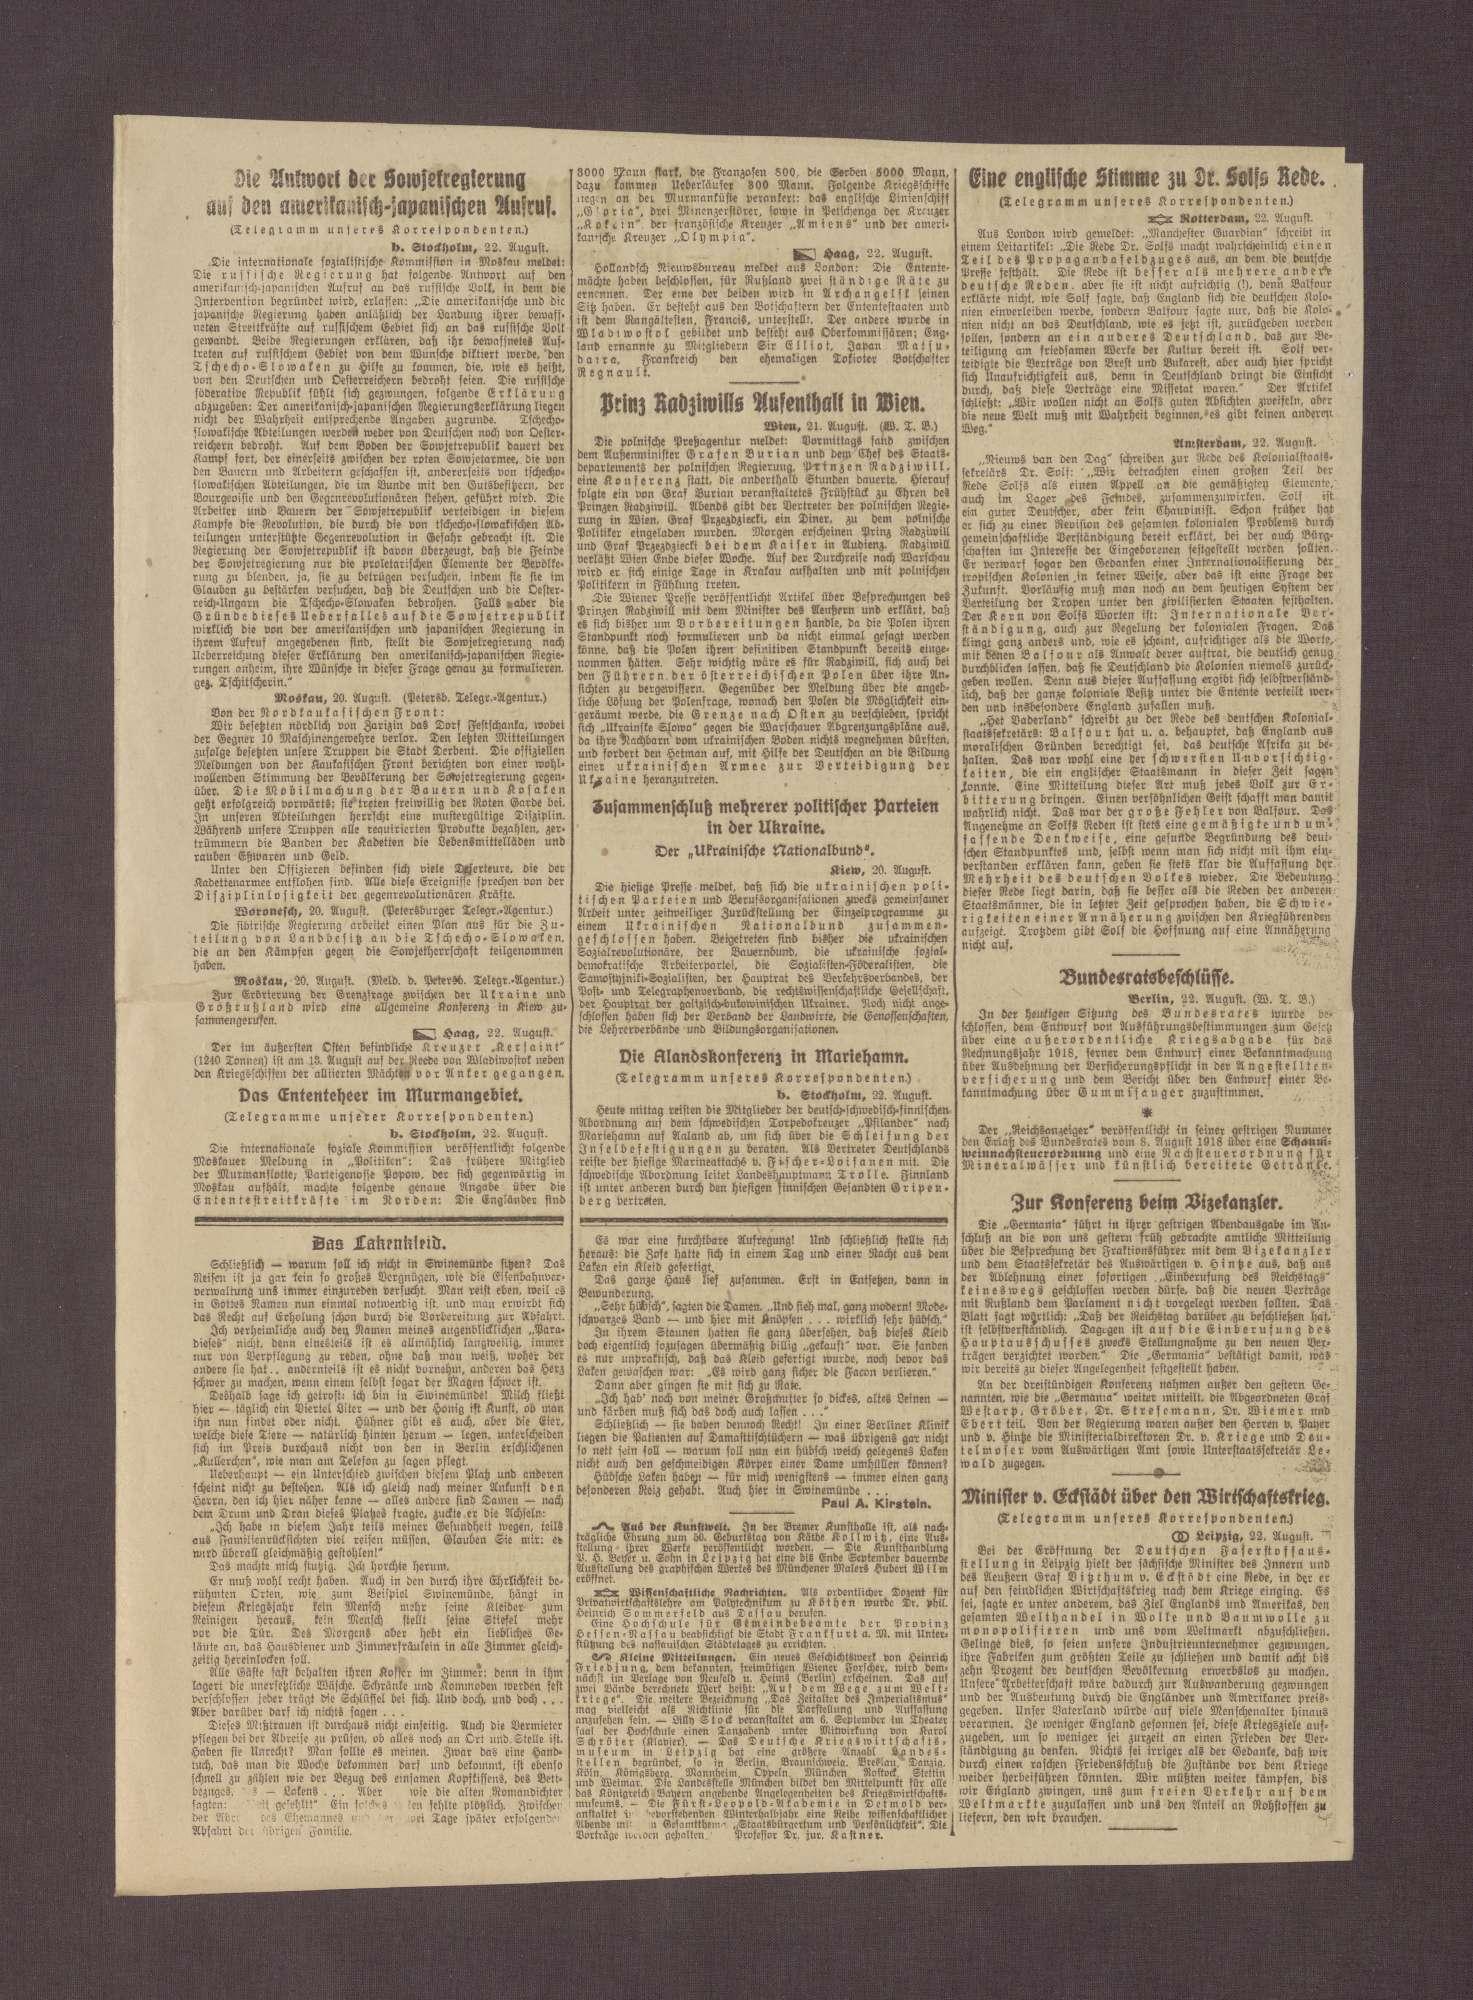 """Artikel in dem Berliner Tageblatt: """"Prinz Max von Baden über die Zusammenarbeit der Völker"""", Bild 3"""